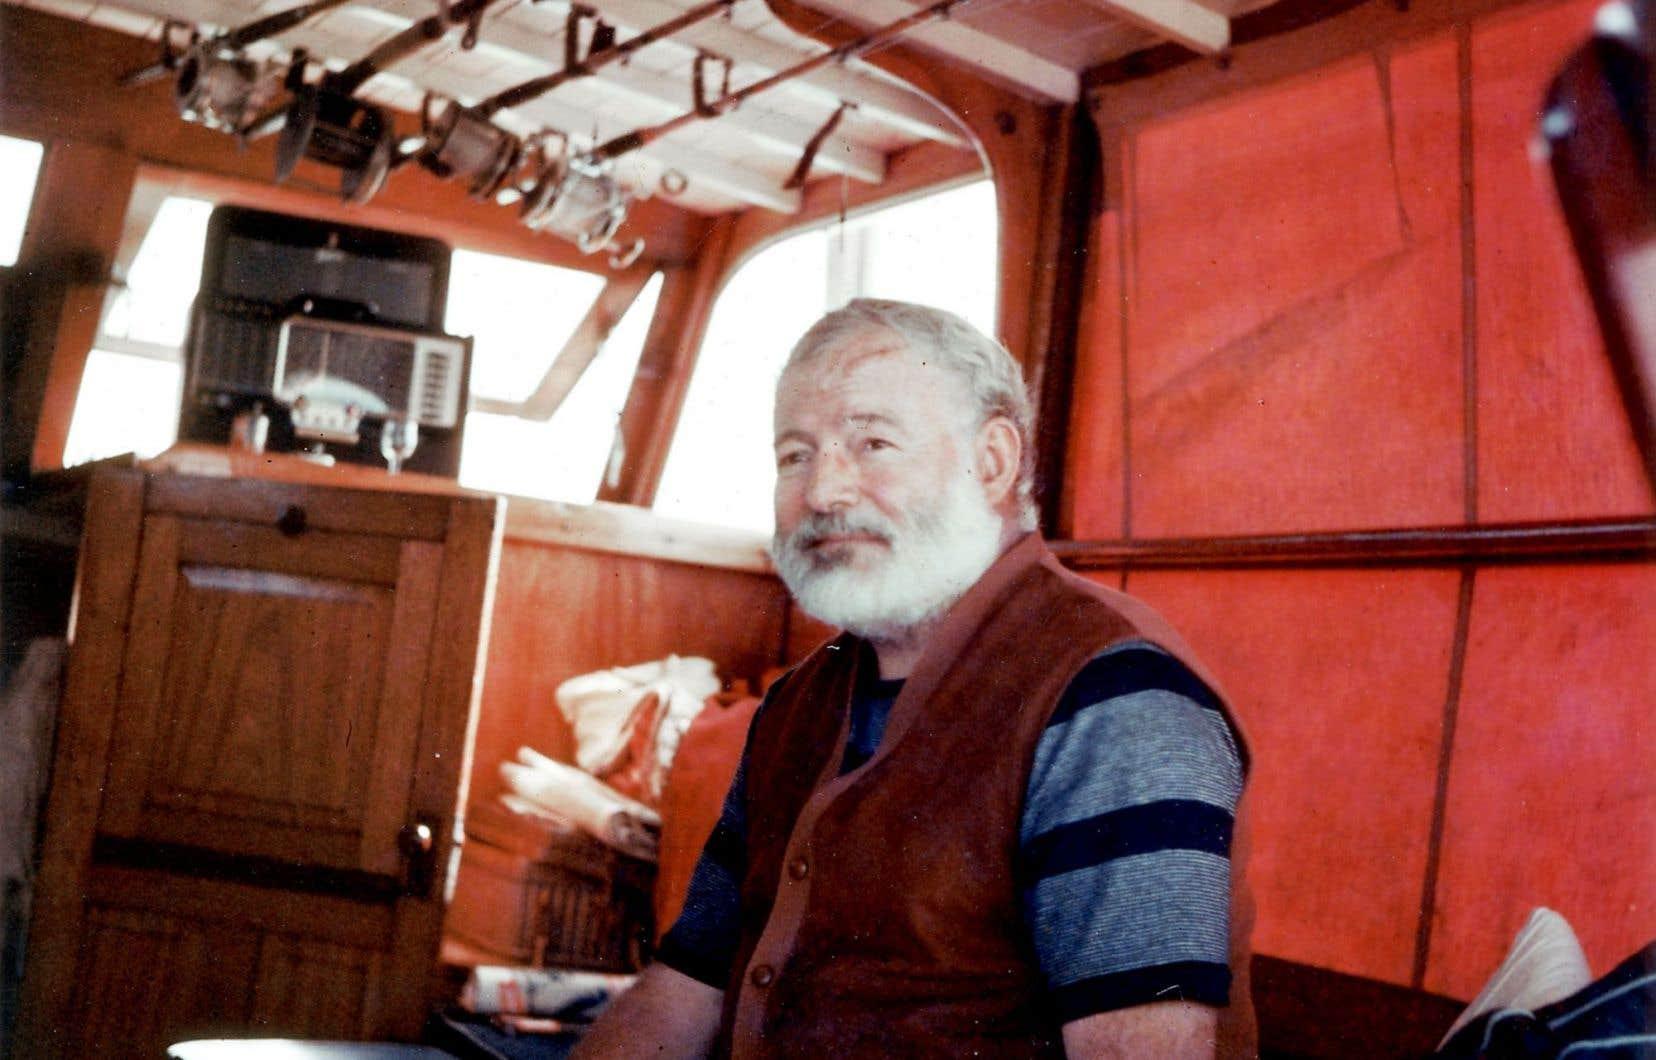 «He was an old man who fished alone…», écrivait Ernest Hemingway en ouverture de son chef-d'œuvre Le vieil homme et la mer. Dans une traduction française, cette formulation devint «Il était une fois un vieil homme…».